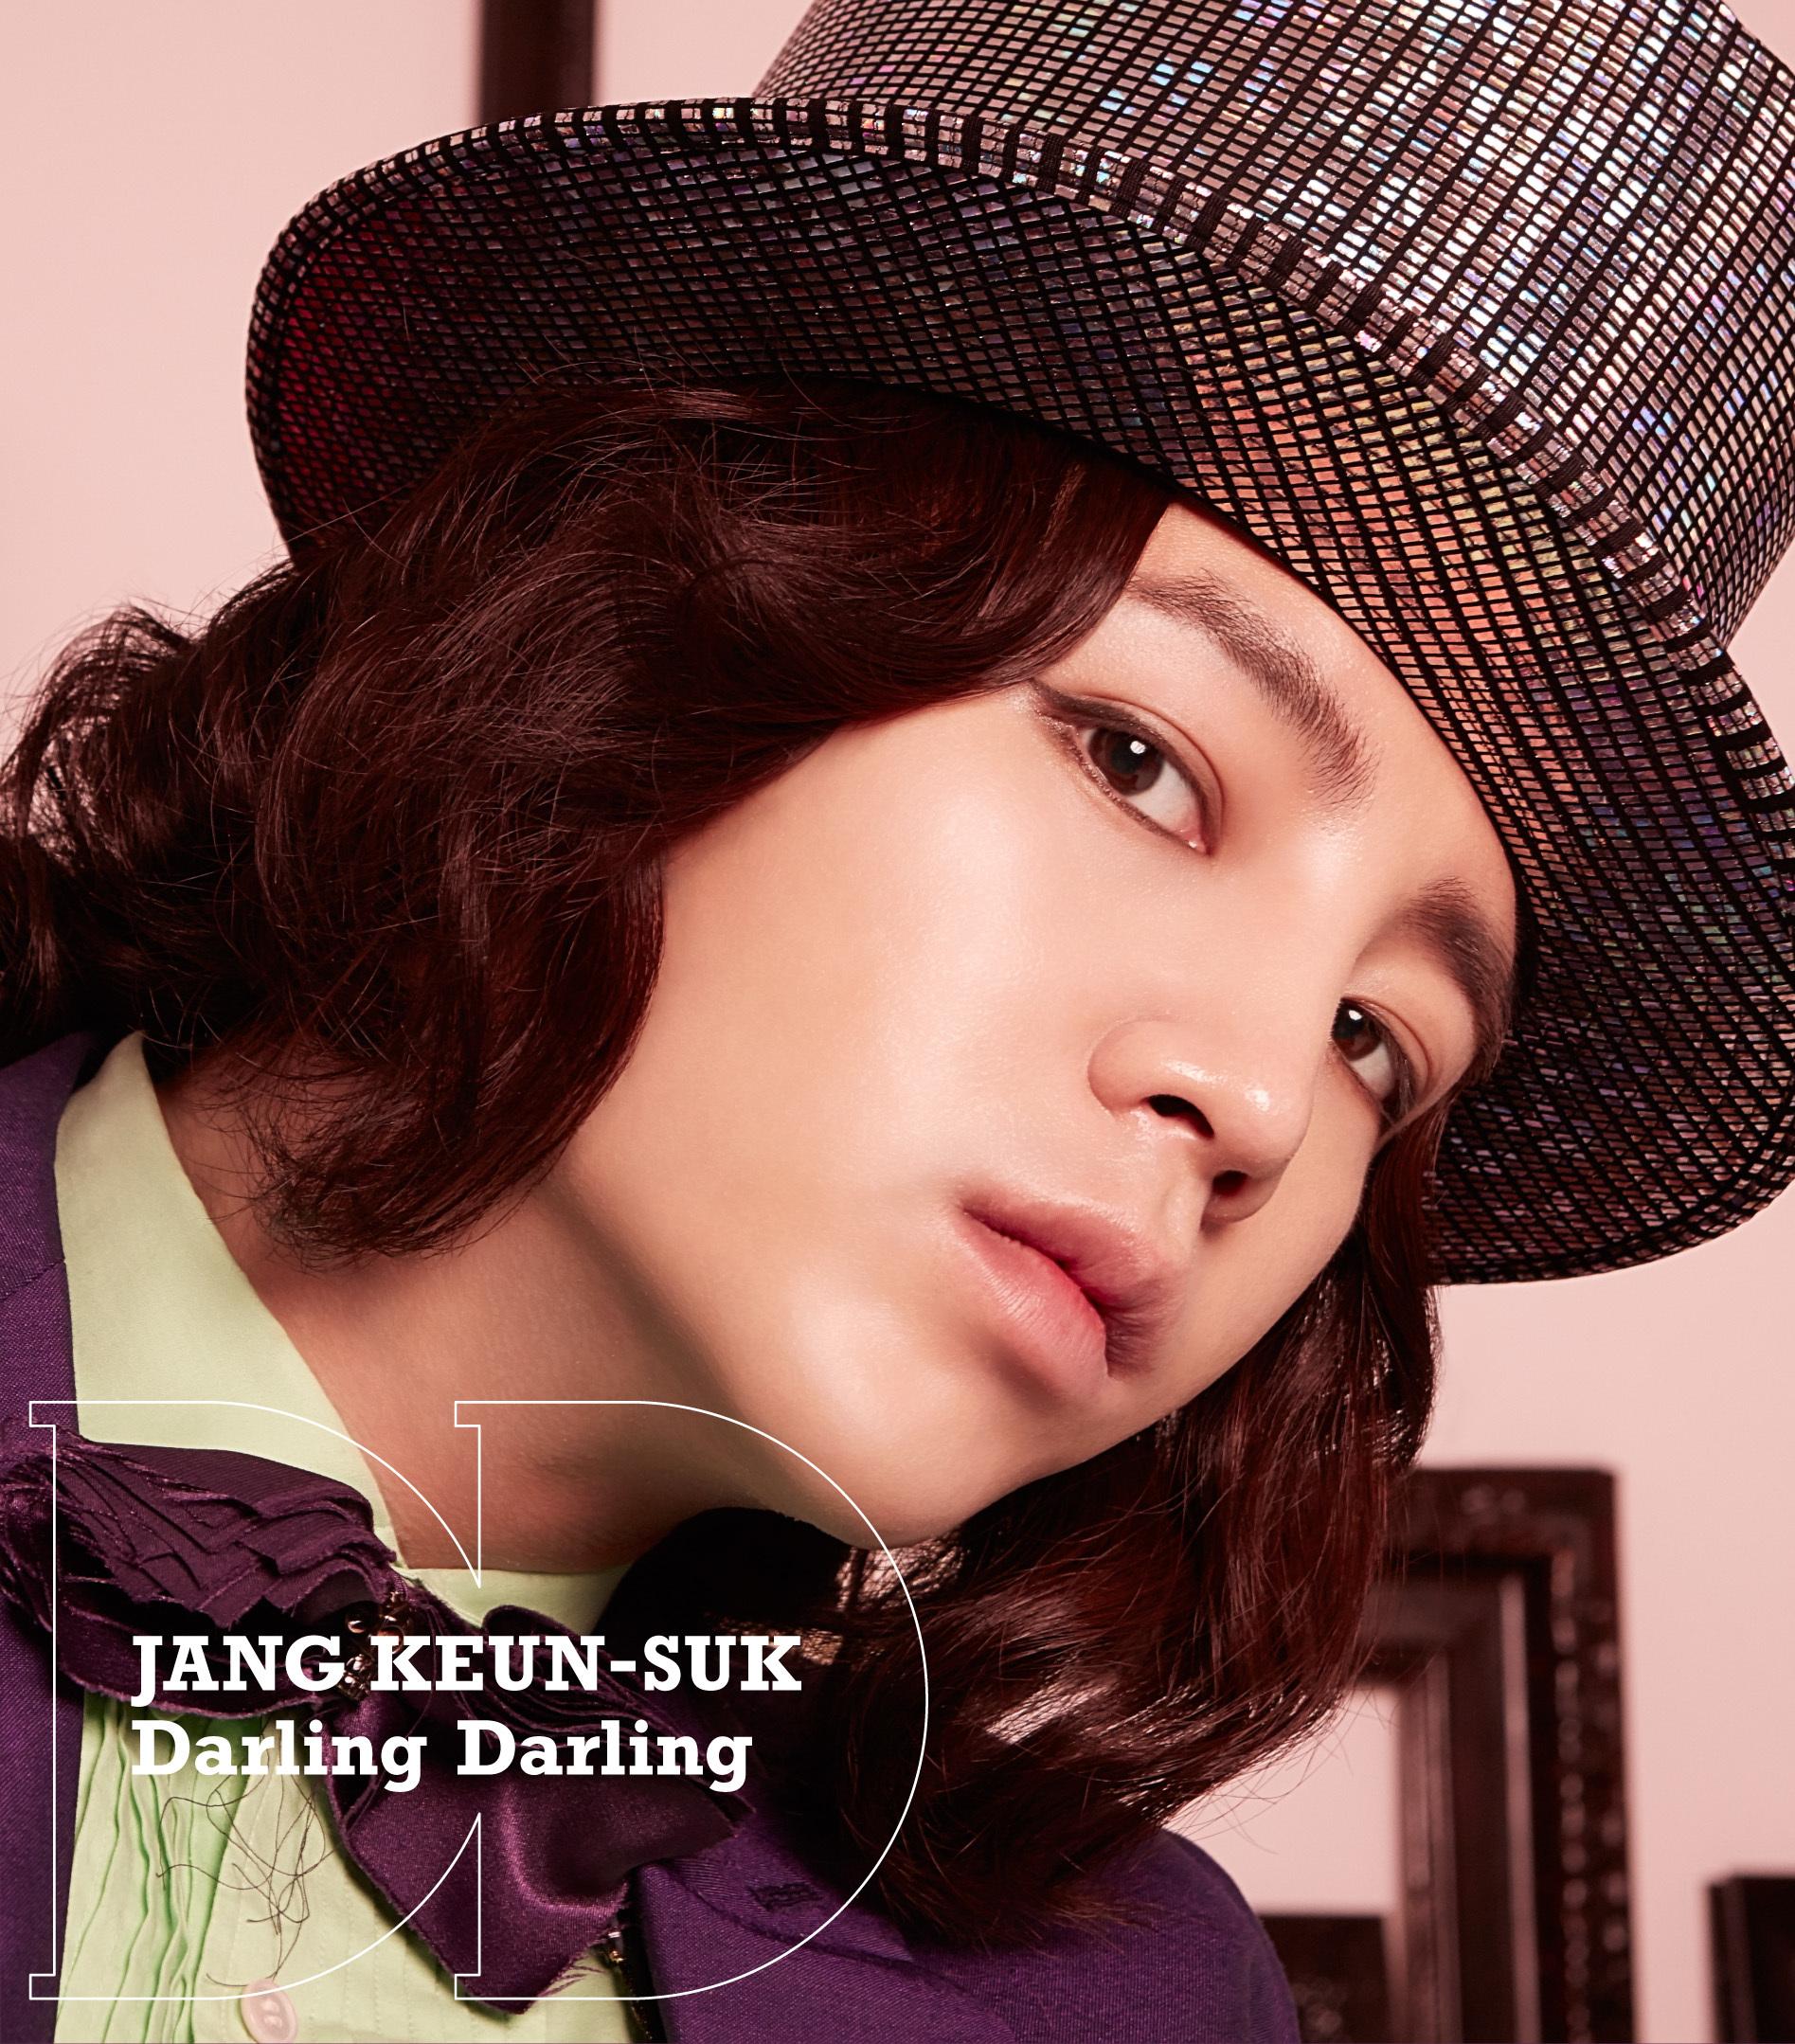 チャン・グンソク「Darling Darling/渇いたKiss」初回限定盤D